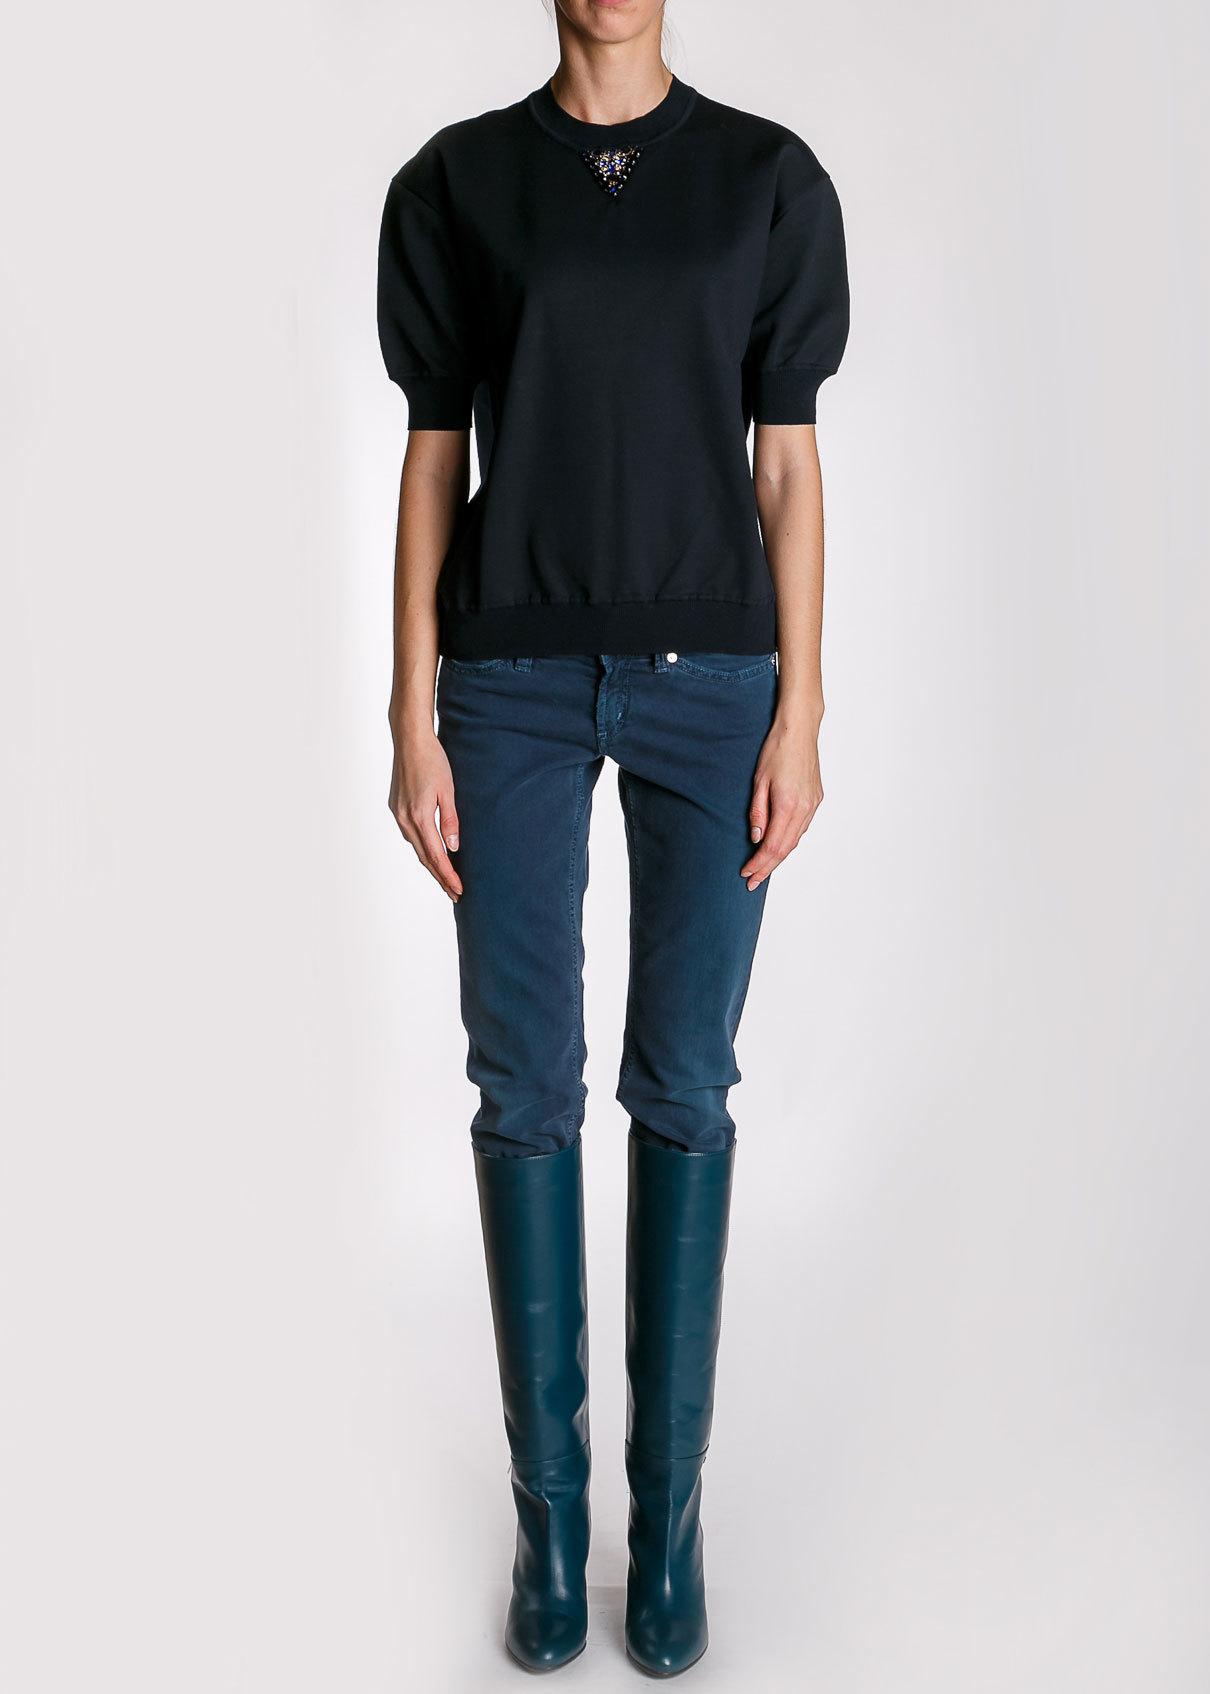 Dsquared2 джинсы с доставкой